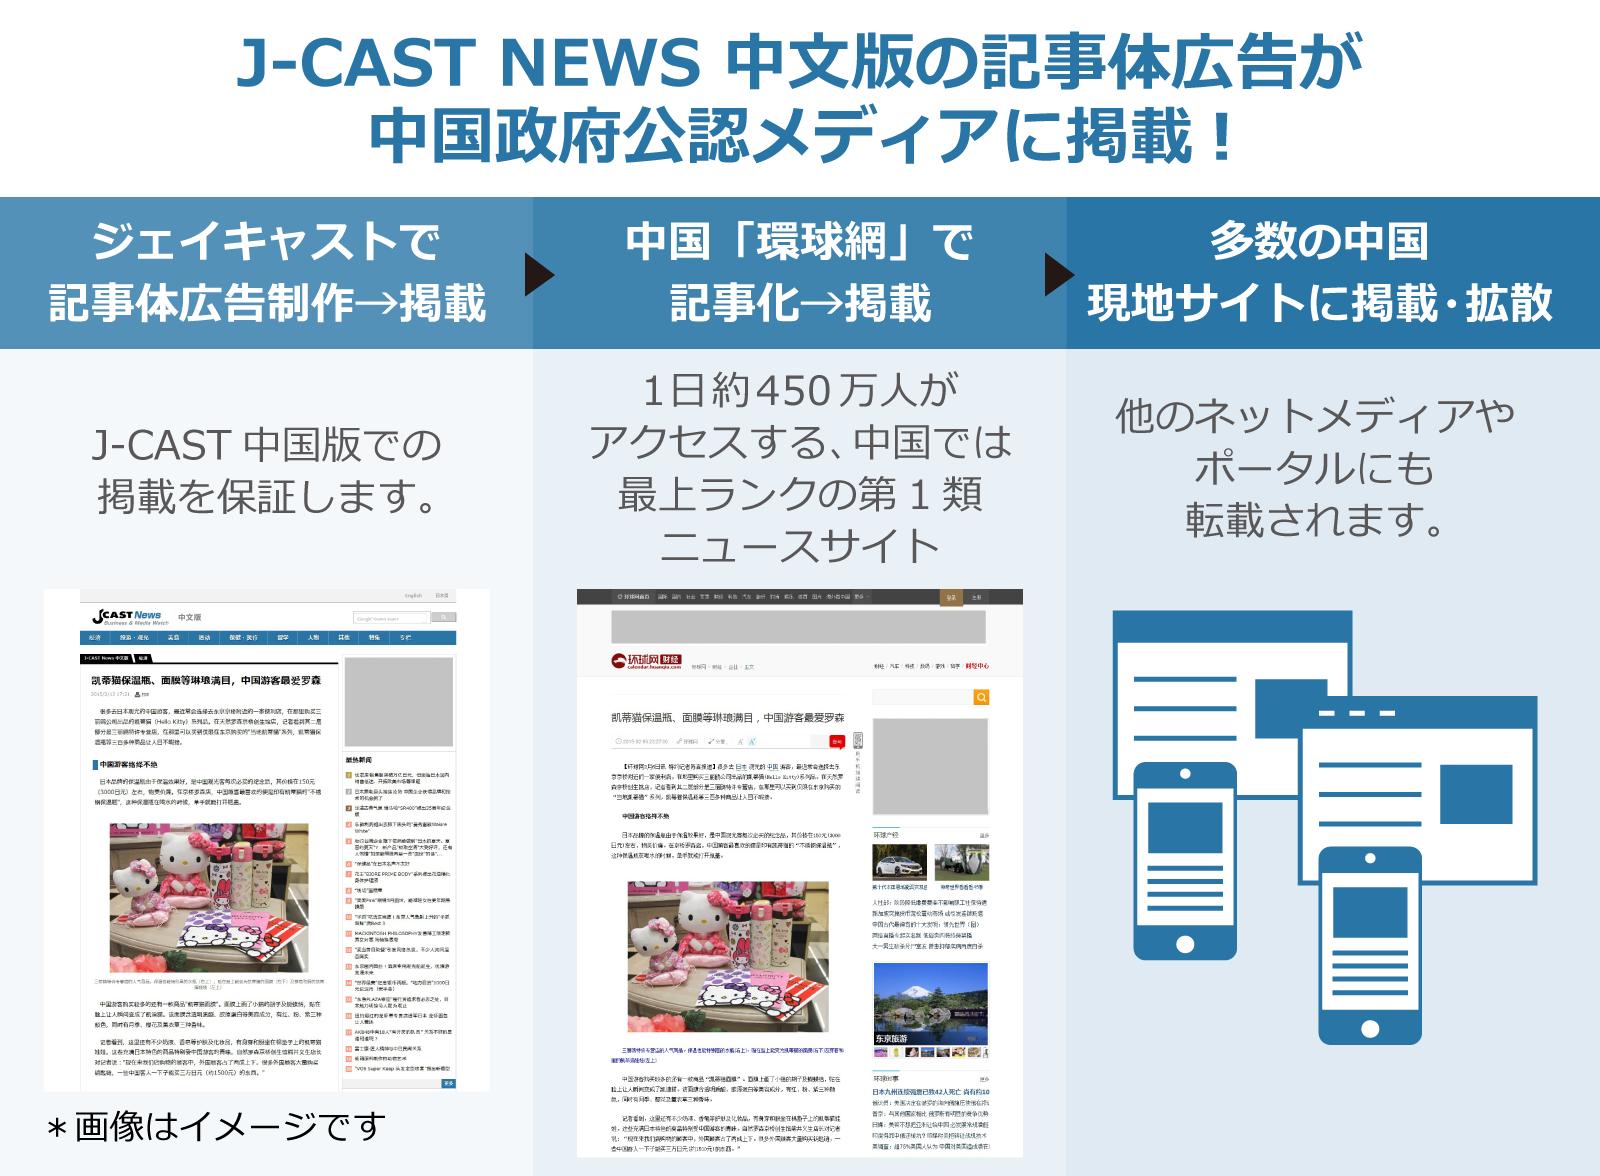 インバウンドマーケットでのビジネス拡大に中国の強力ネットメディア「環球網」に記事配信